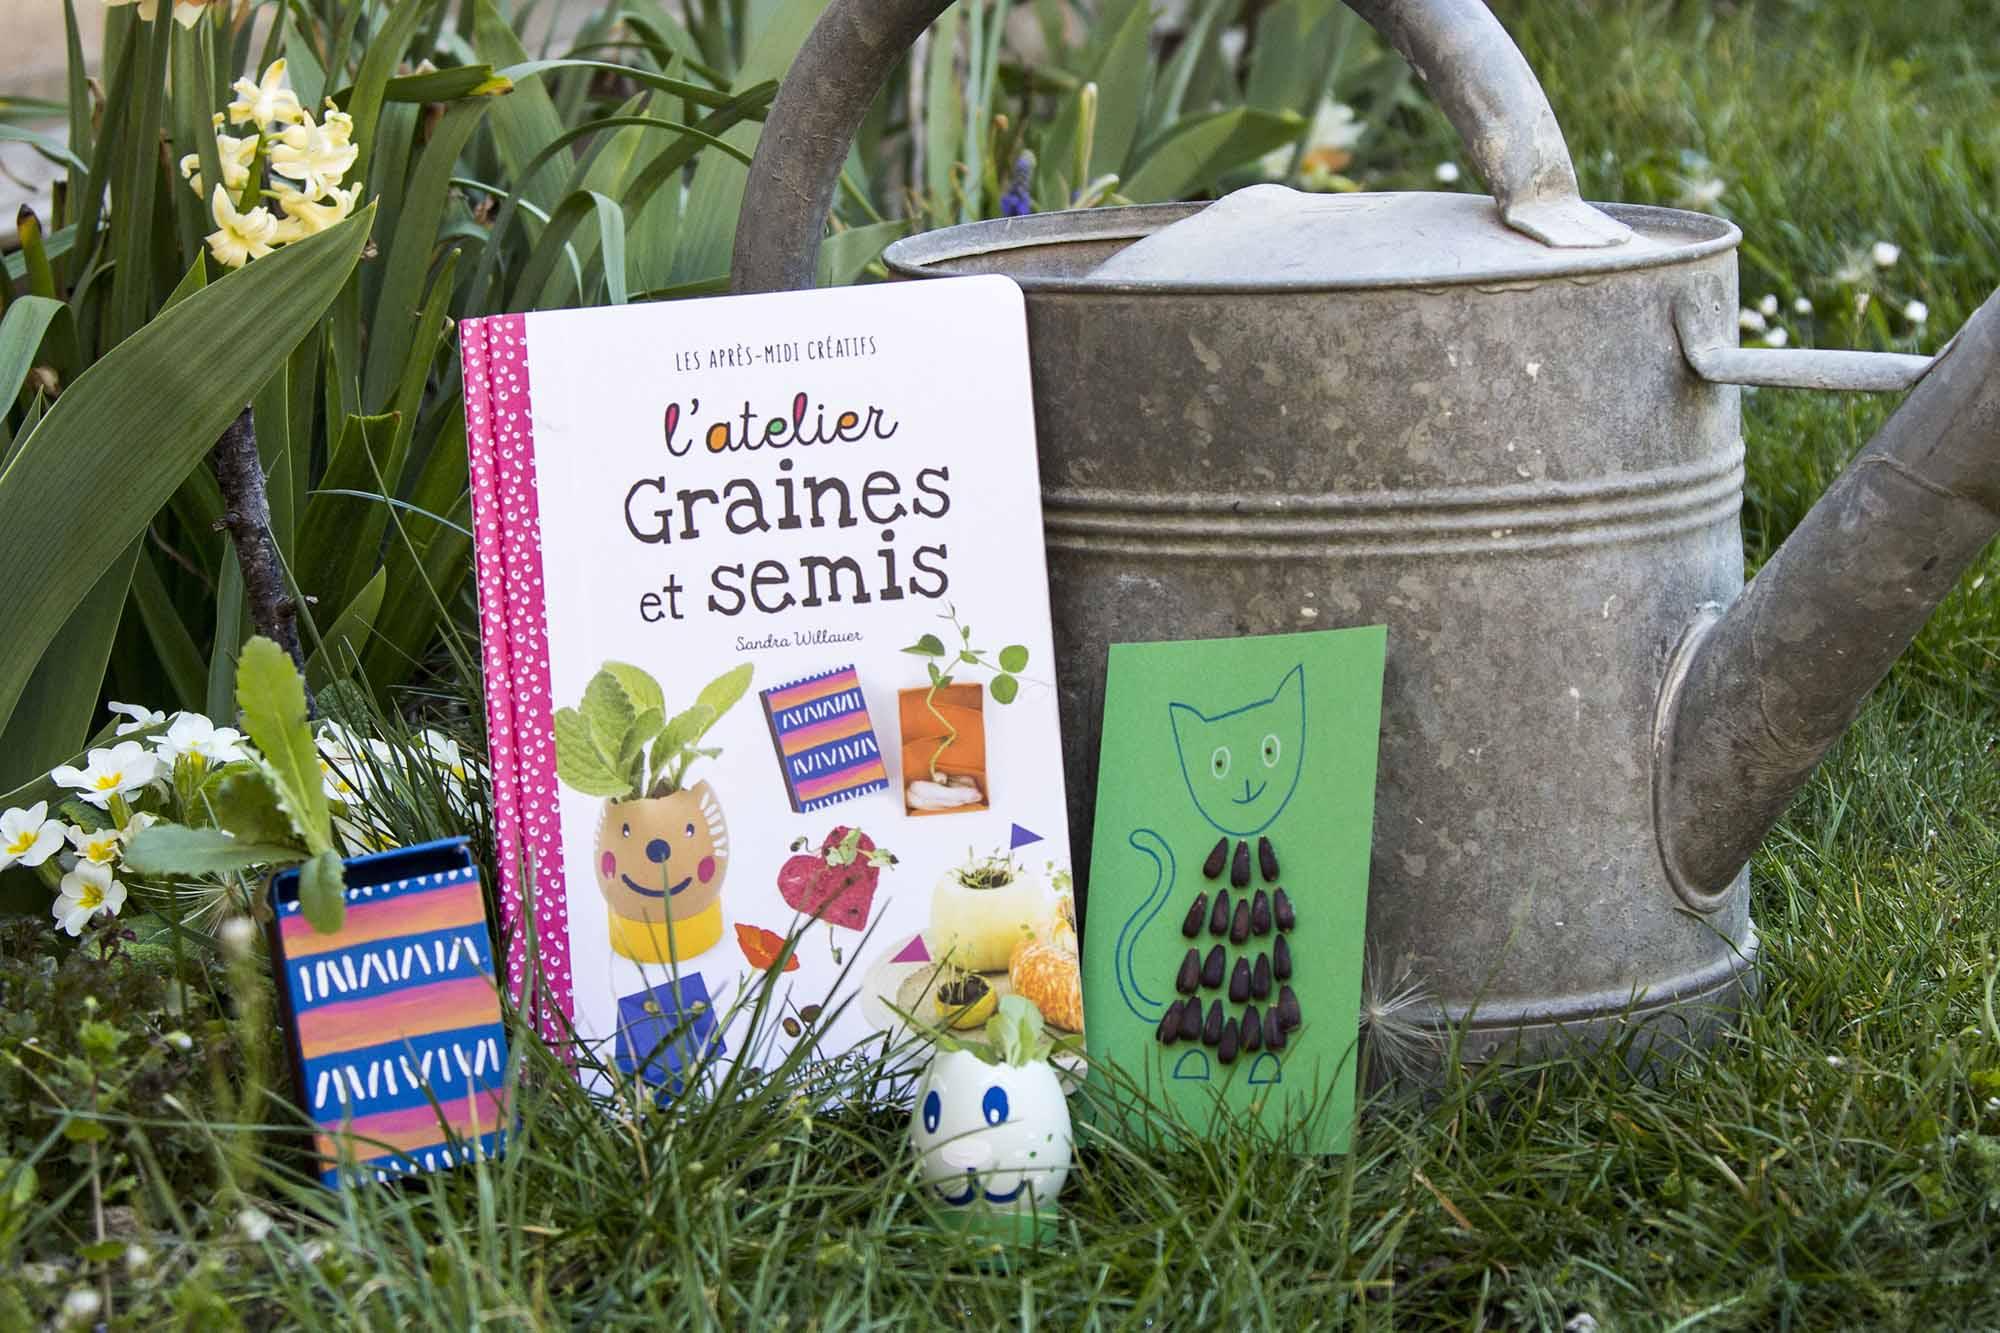 Aperçu du livre L'atelier Graines et semis dans le jardin avec quelques réalisations posées devant un arrosoir